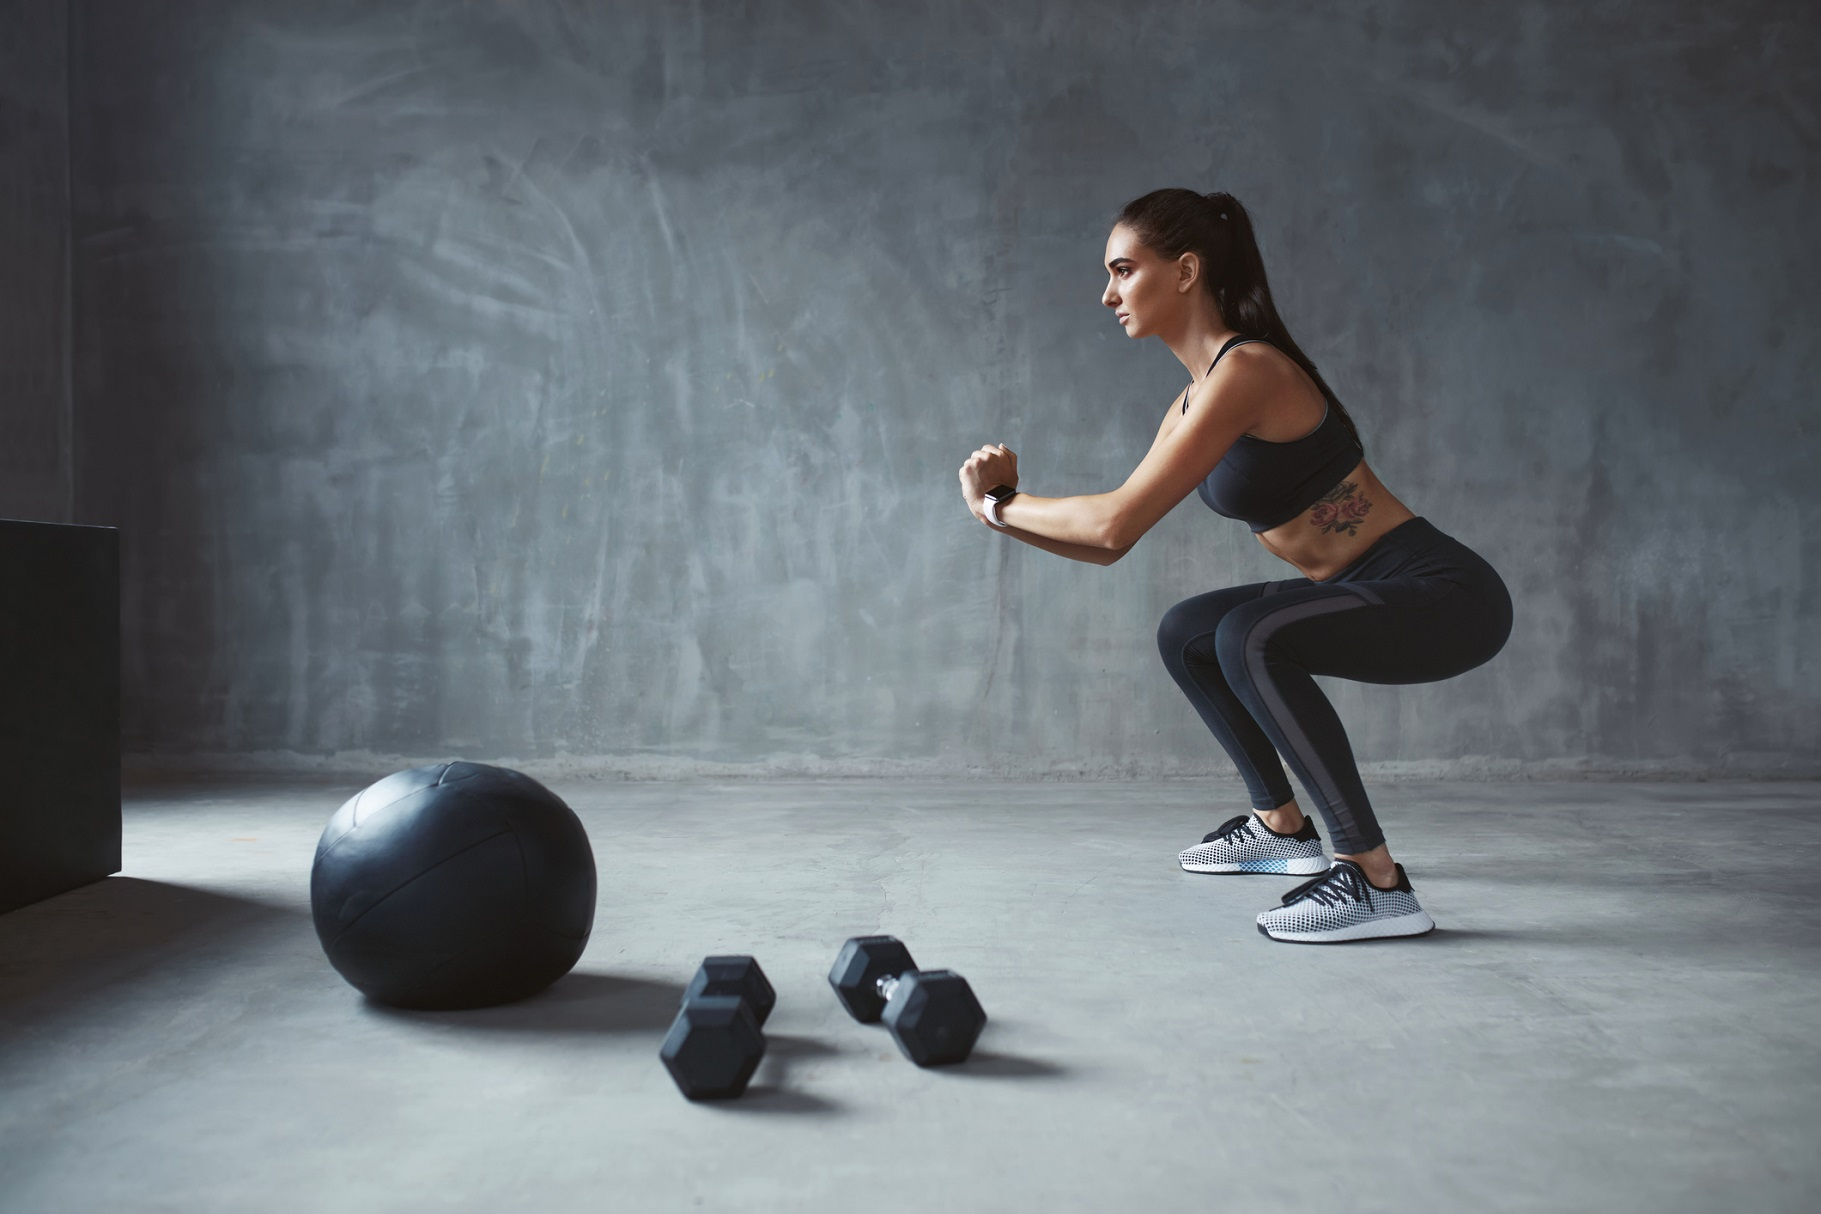 自重スクワットをすると膝が痛くなる。原因や解決方法は?メガロストレーナーが解答